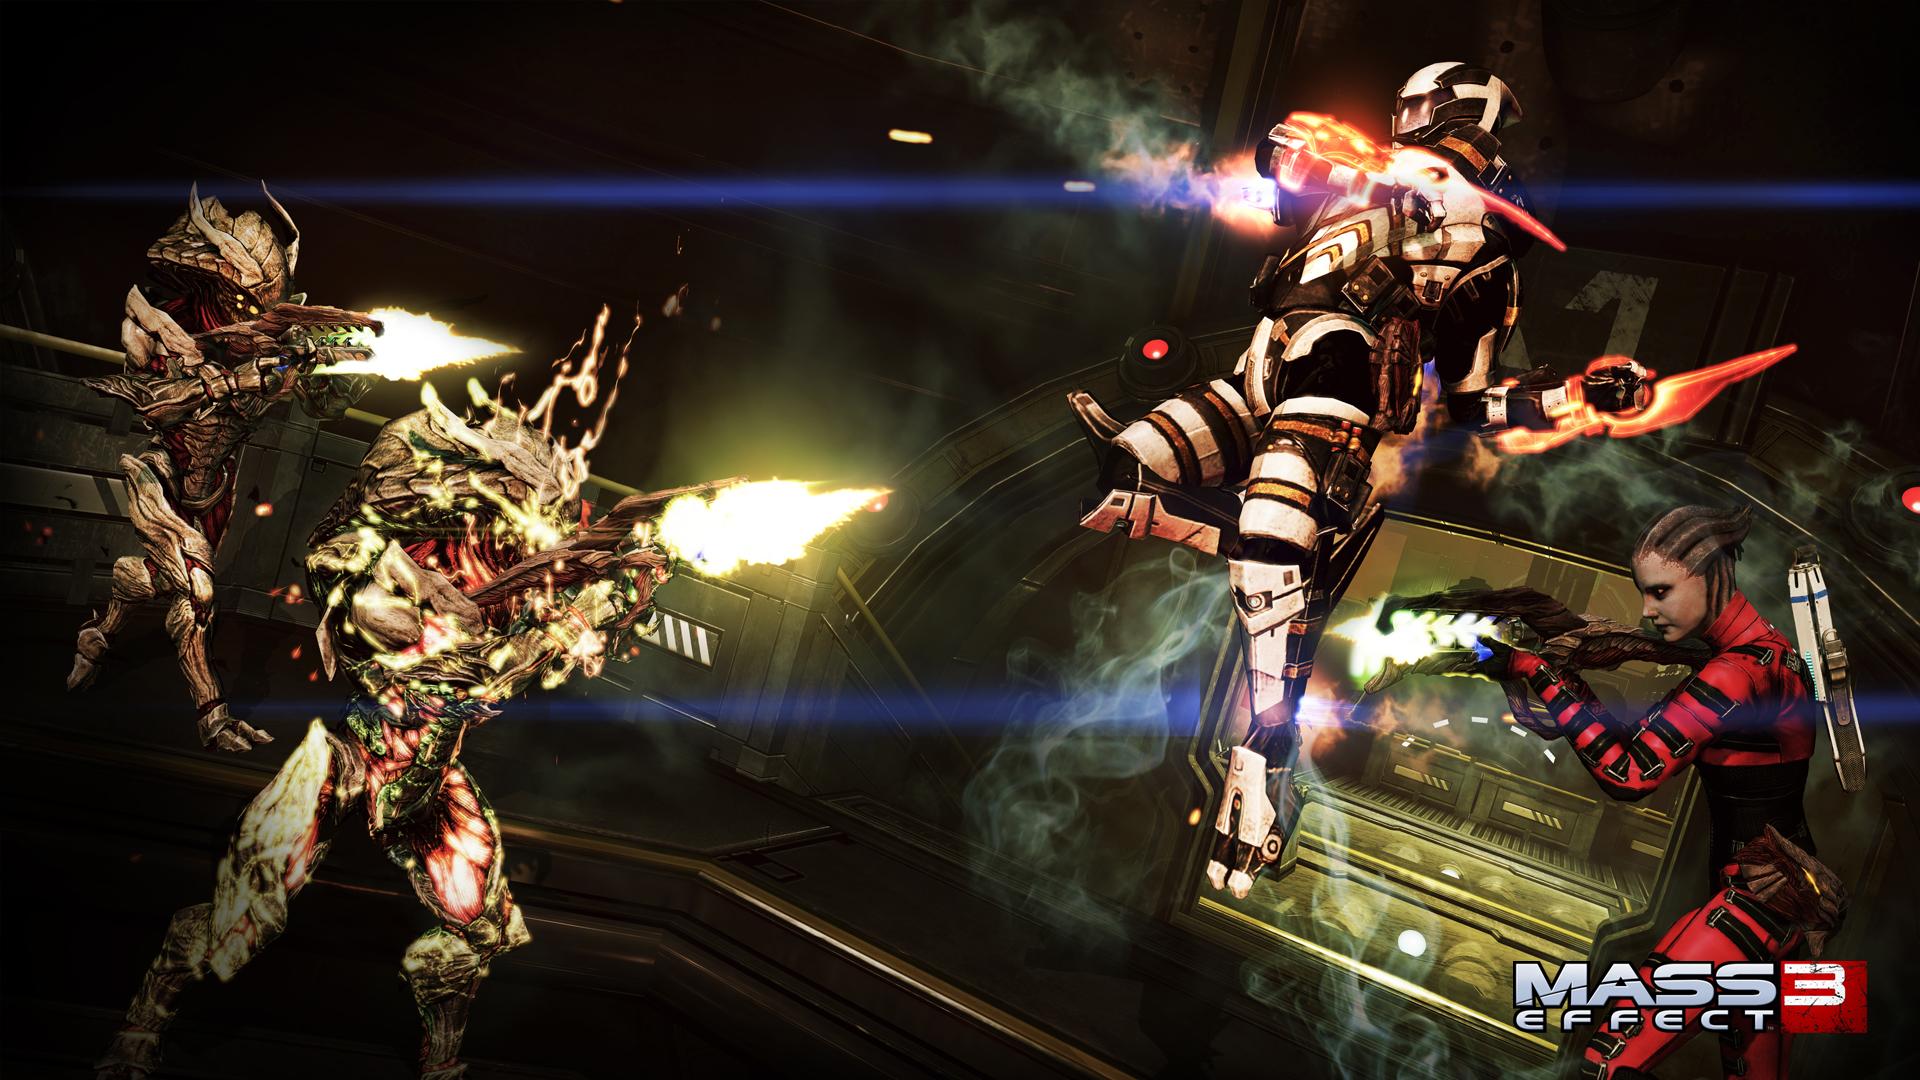 Detalles de Retaliation, el nuevo DLC gratuito para Mass Effect 3 [Video]